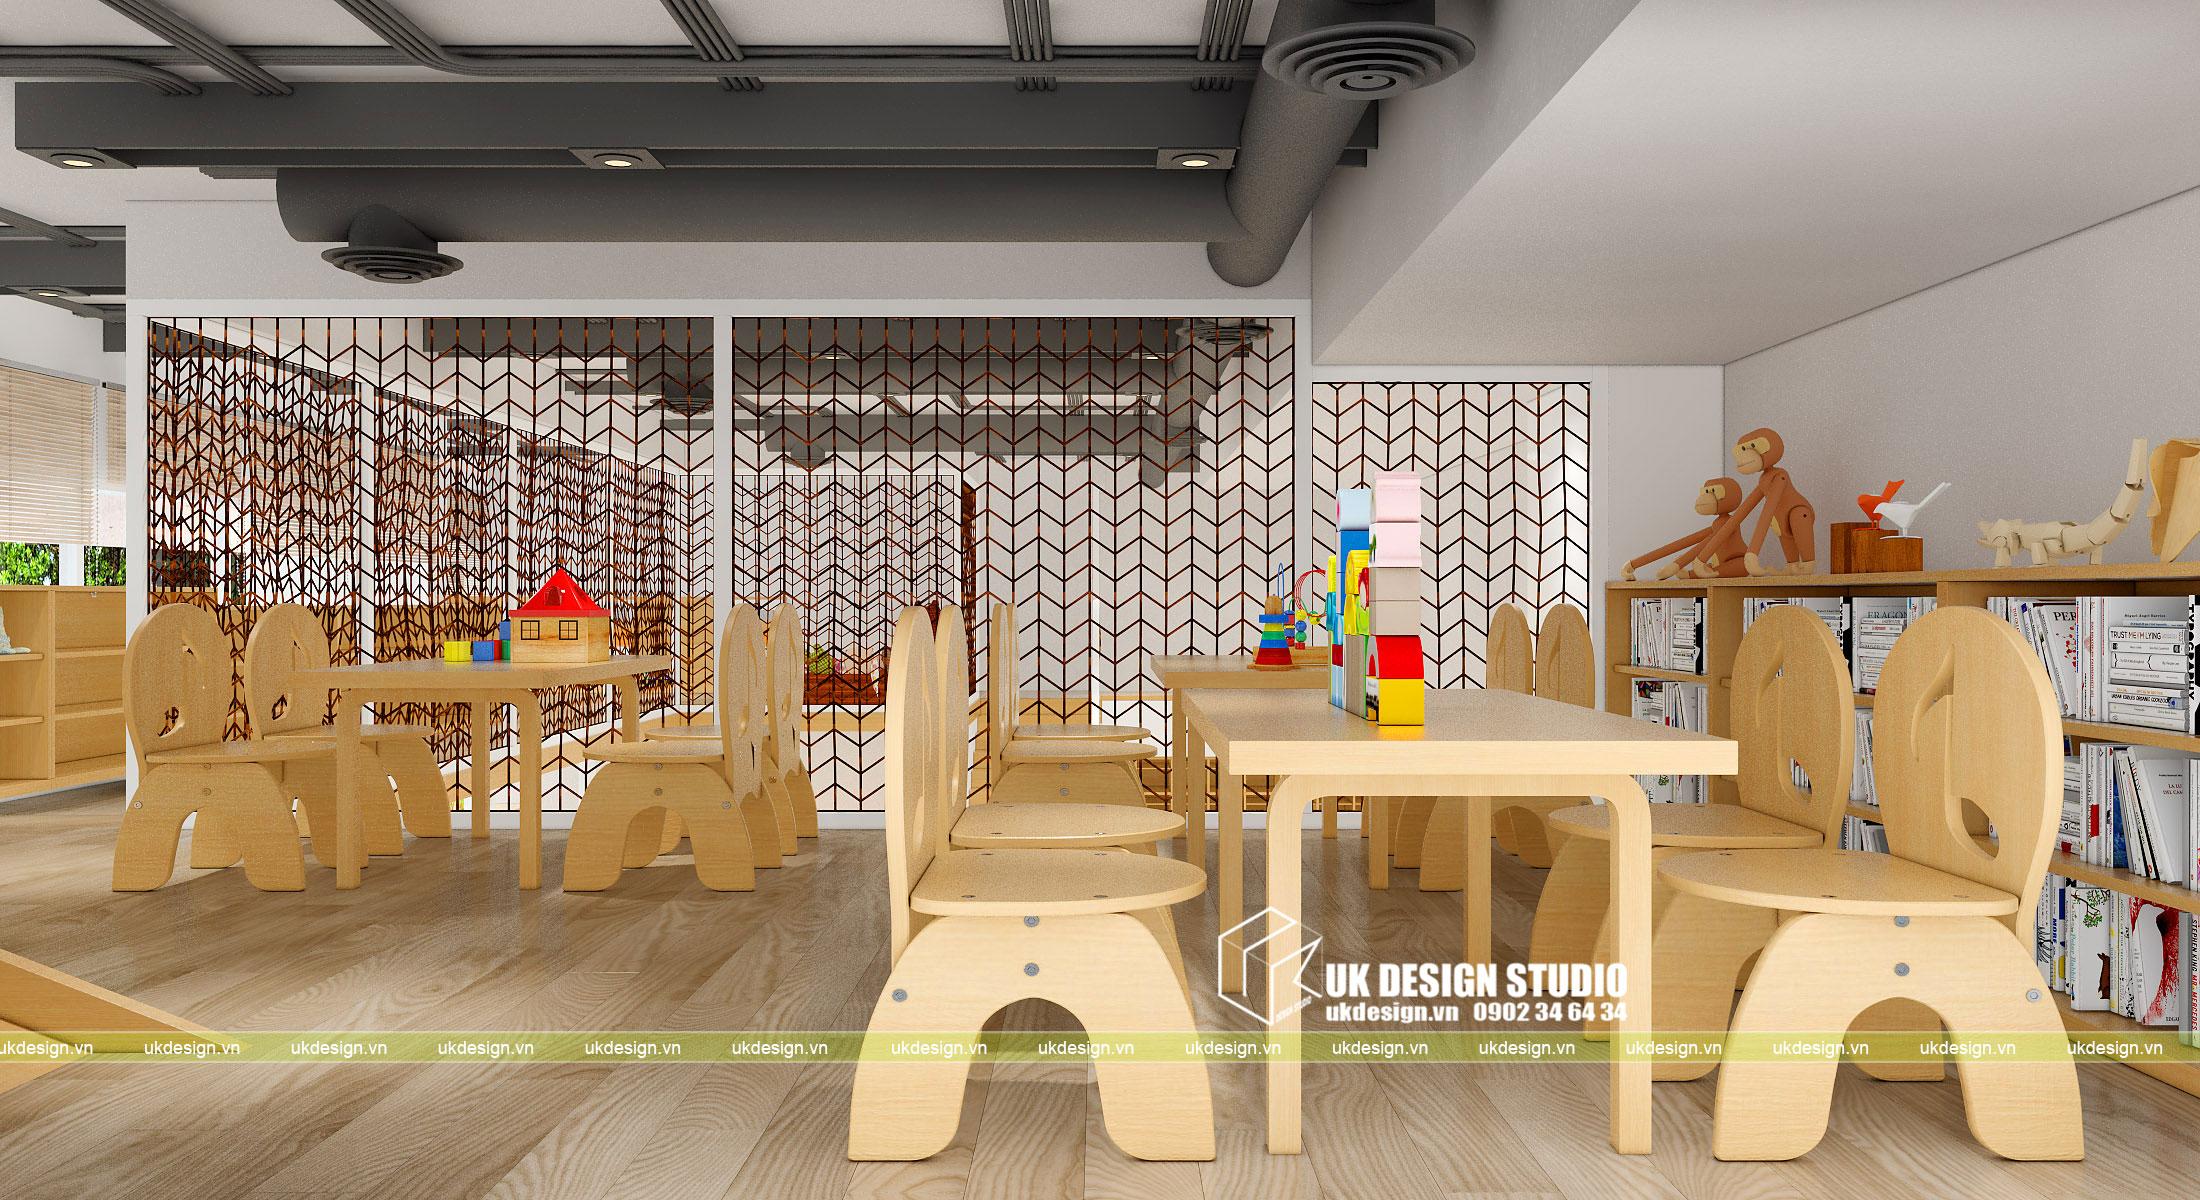 Thiết kế nội thất nhà trẻ 7